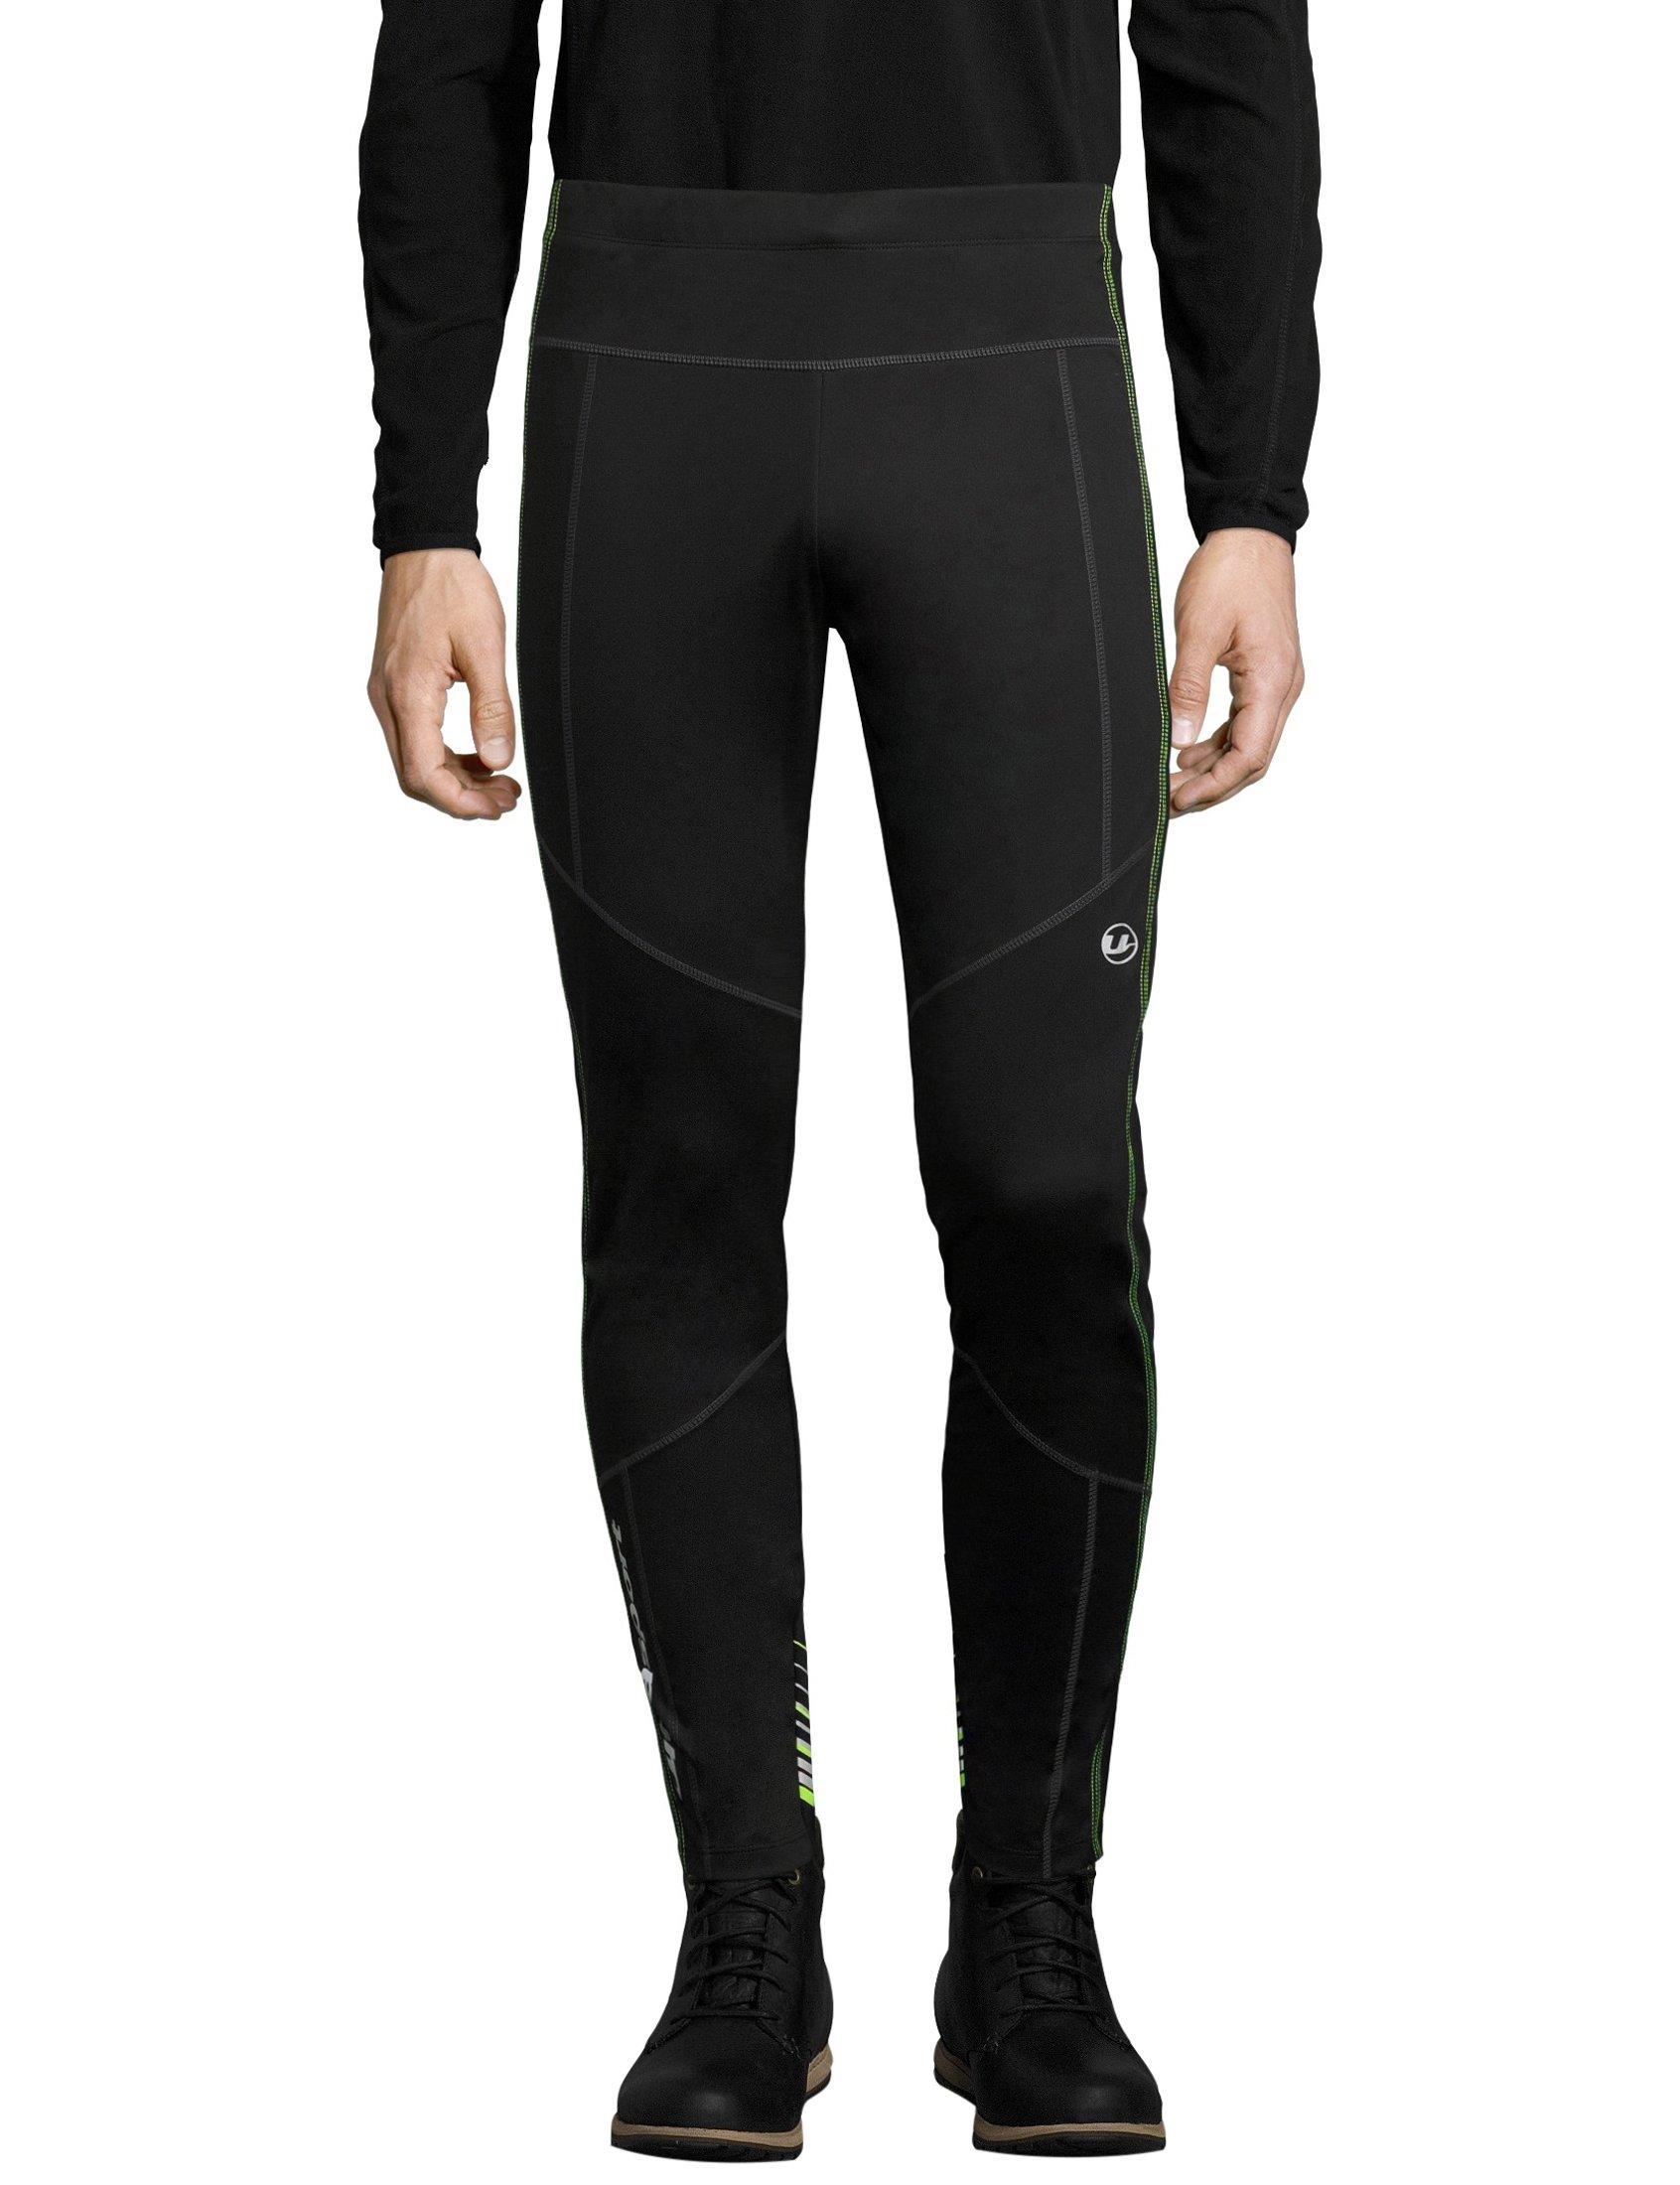 Ultrasportシニア男子クロスカントリースキーパンツ、冬のスポーツや野外活動に適した防水雪のパンツ、ズボンが機能、